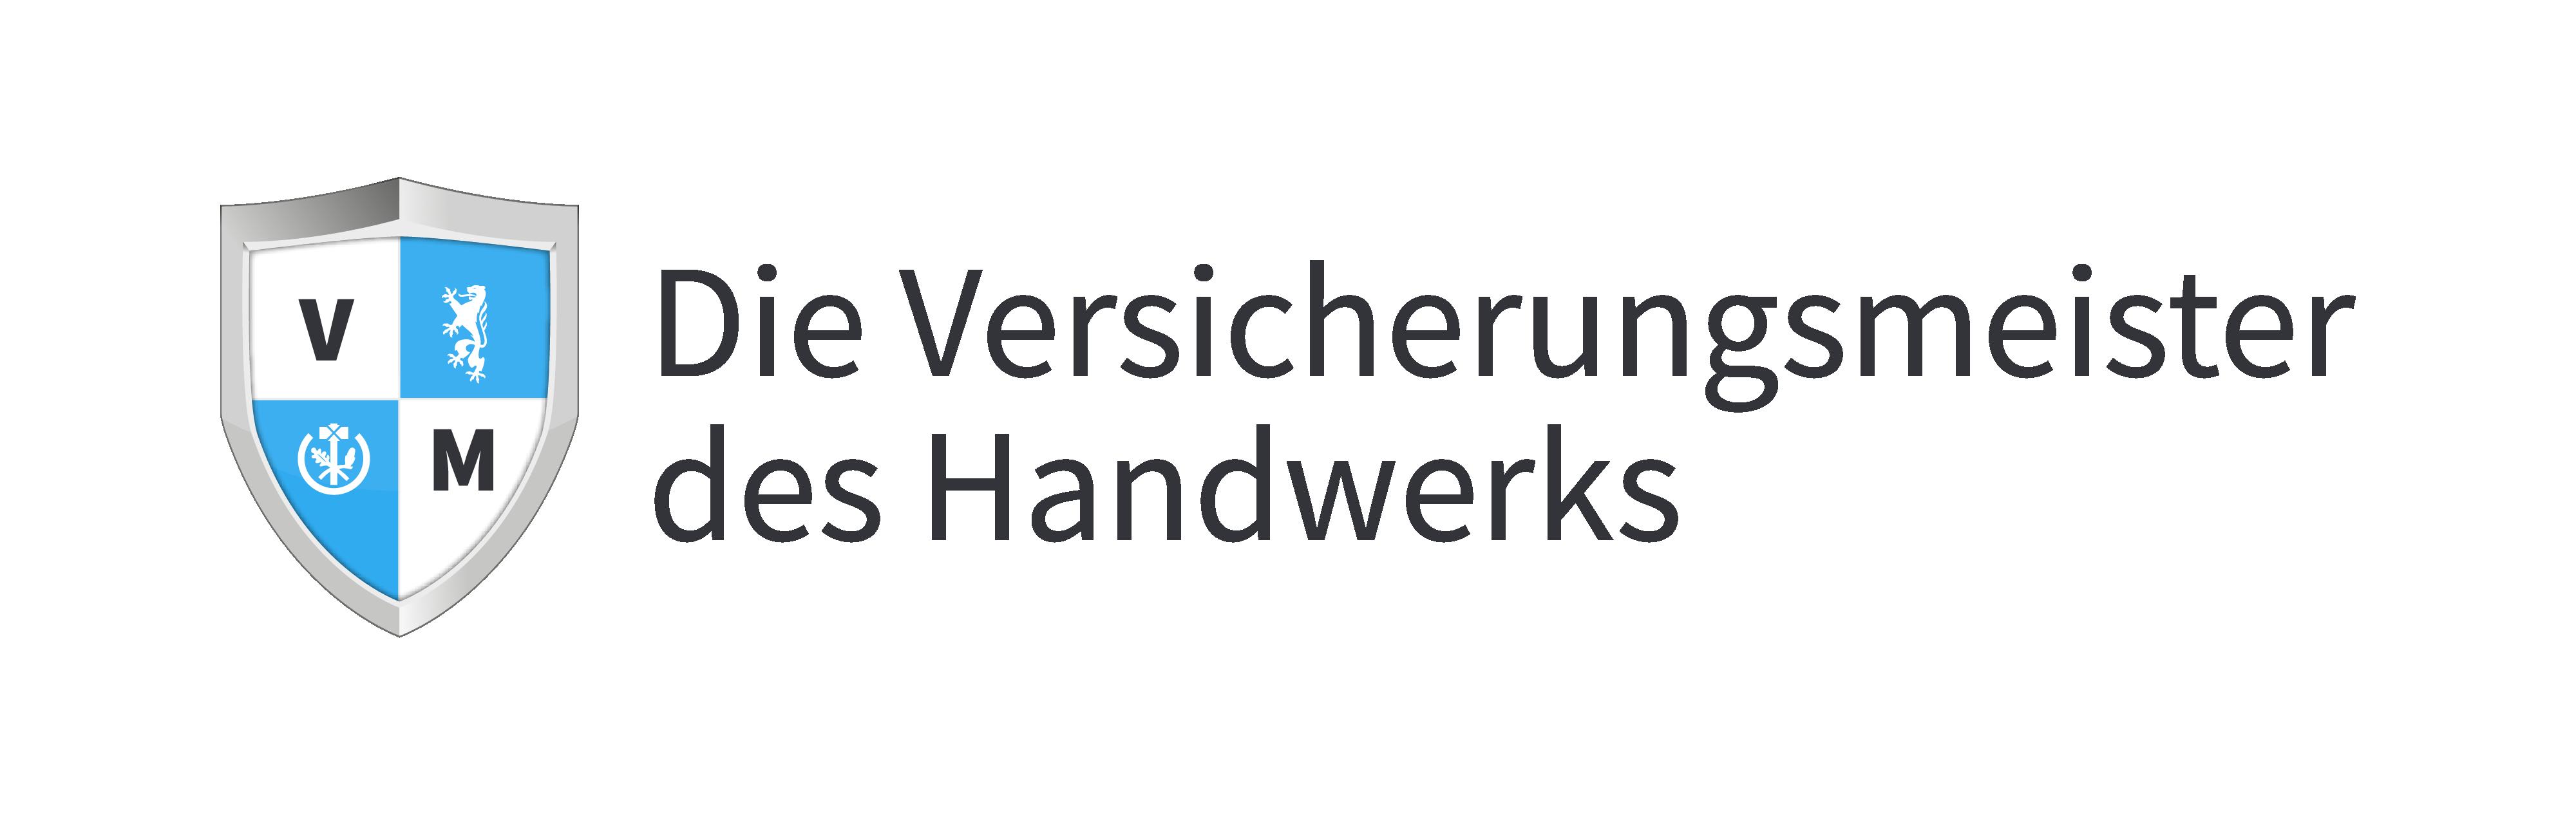 Logo - Die Versicherungsmeister des Handwerks